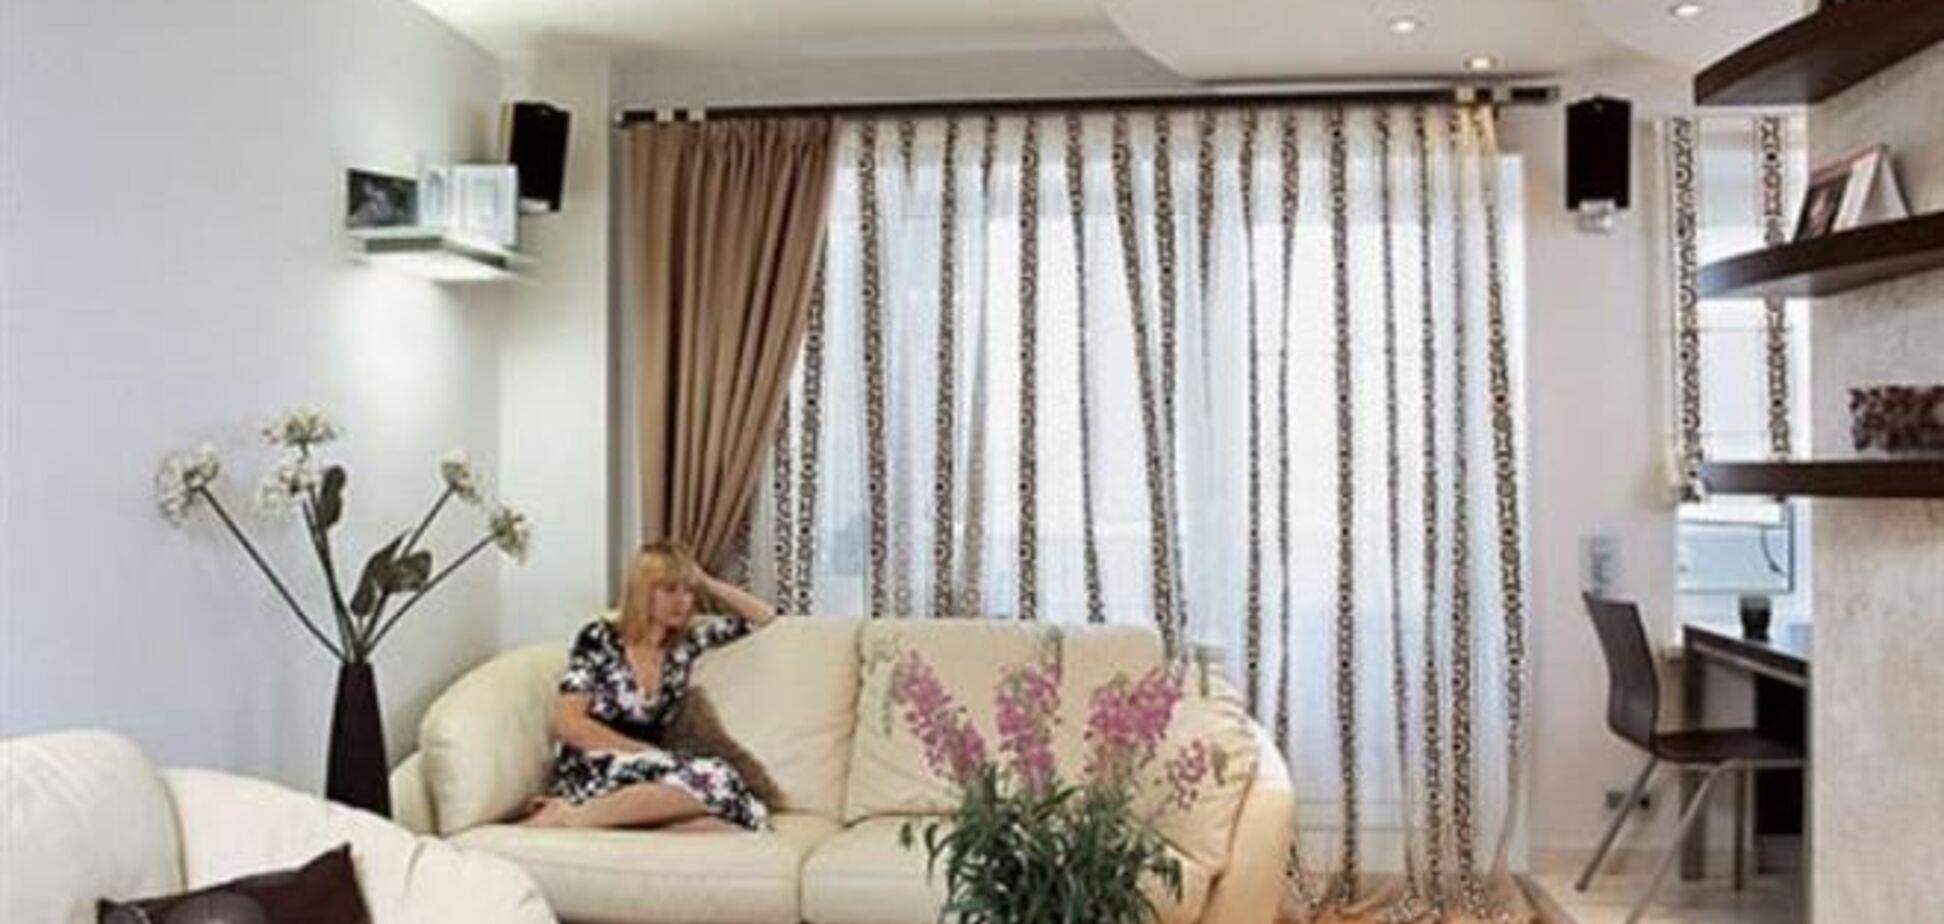 Малогабаритный интерьер: маленькая квартира характеру не помеха